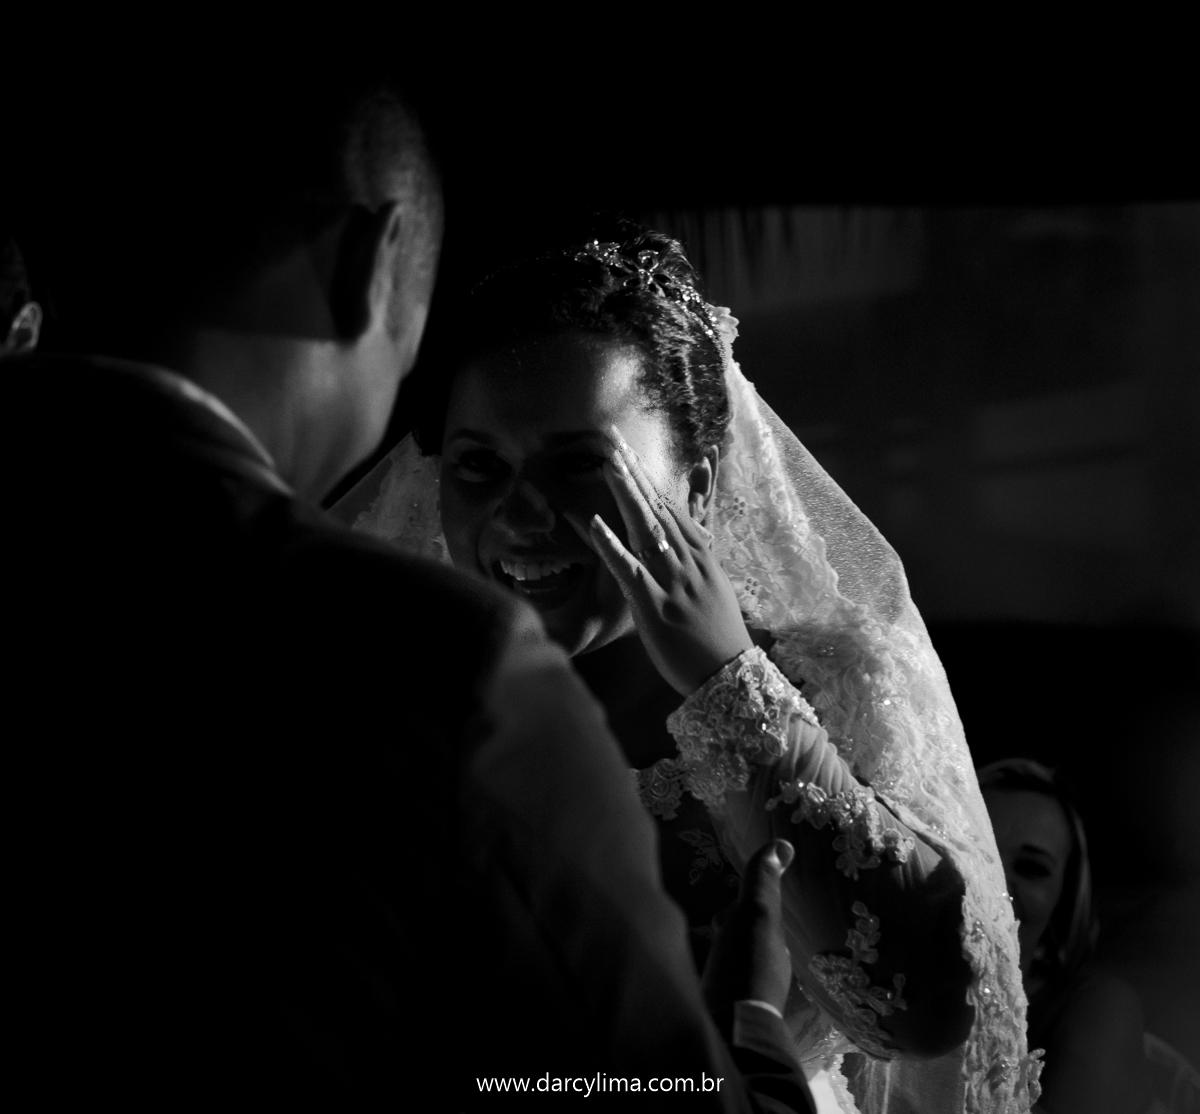 noivos numa fotografia preto e branco olhando um para o outro